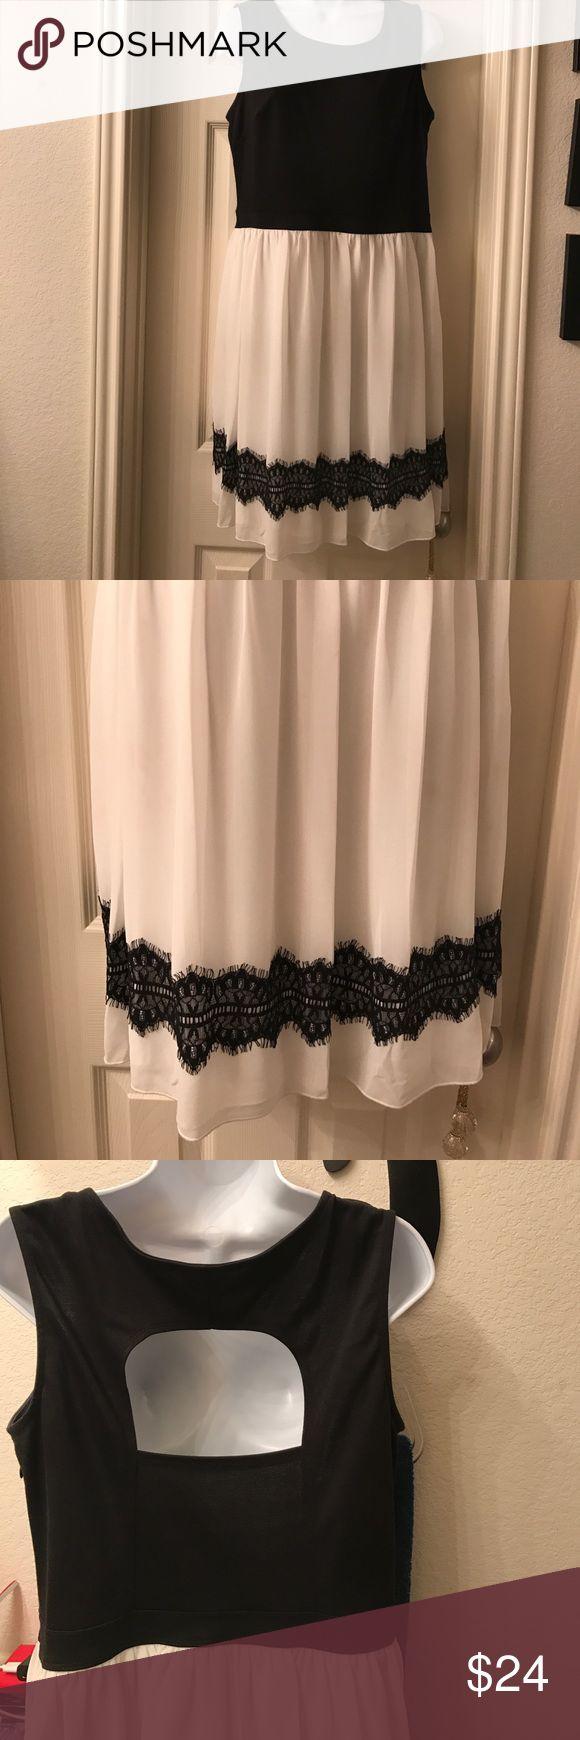 Gorgeous black cream party dress Great back cut out design bottom sheer lace trim design , Flows beautiful Enfocus Studio Dresses